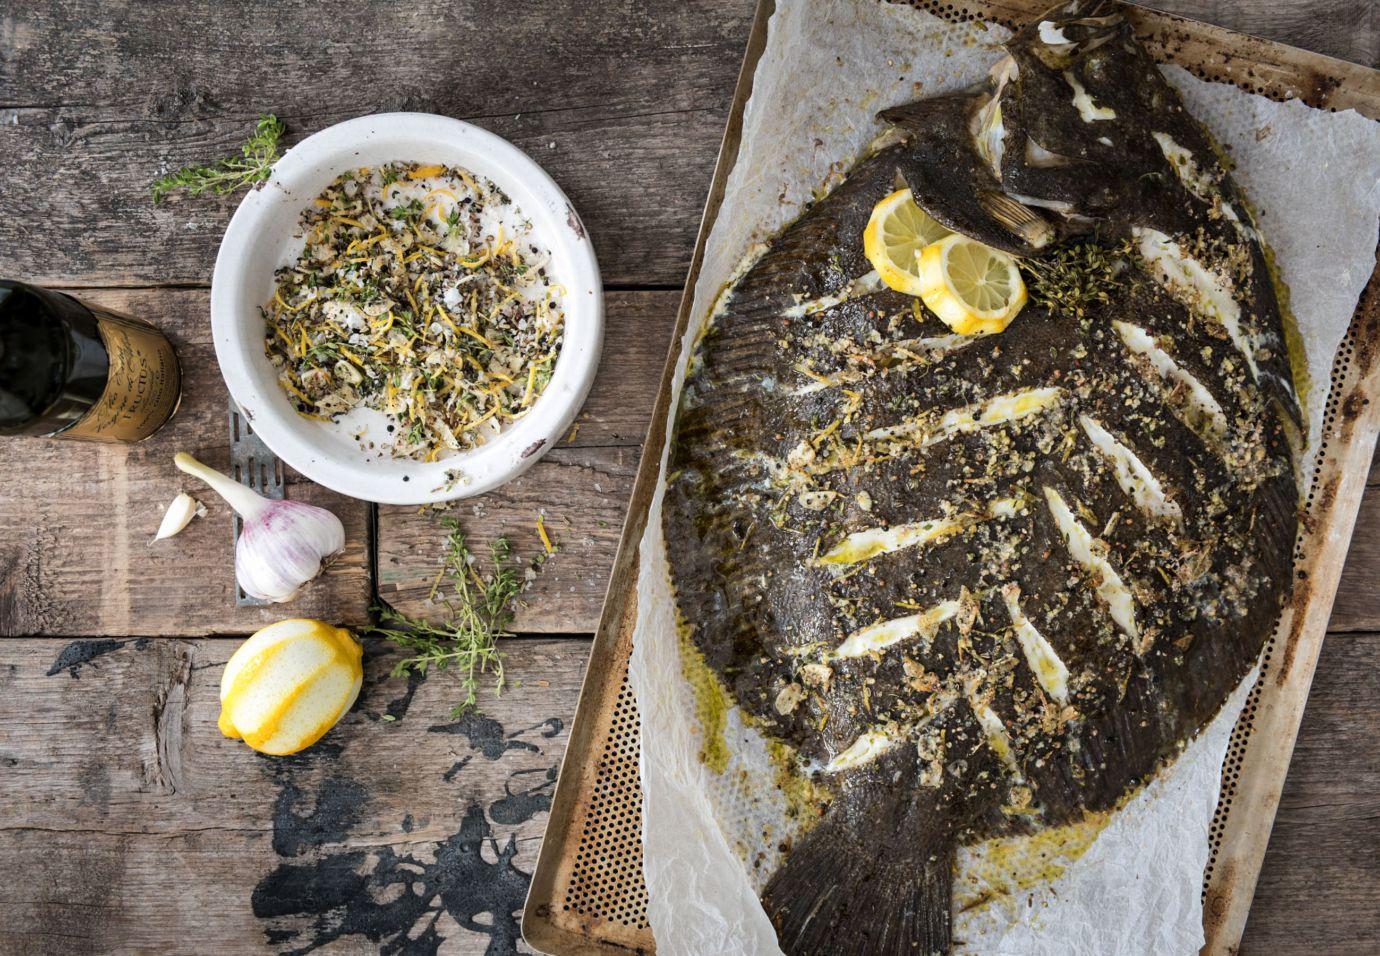 gepimpt-zout-voor-vis-door-sofie-dumont